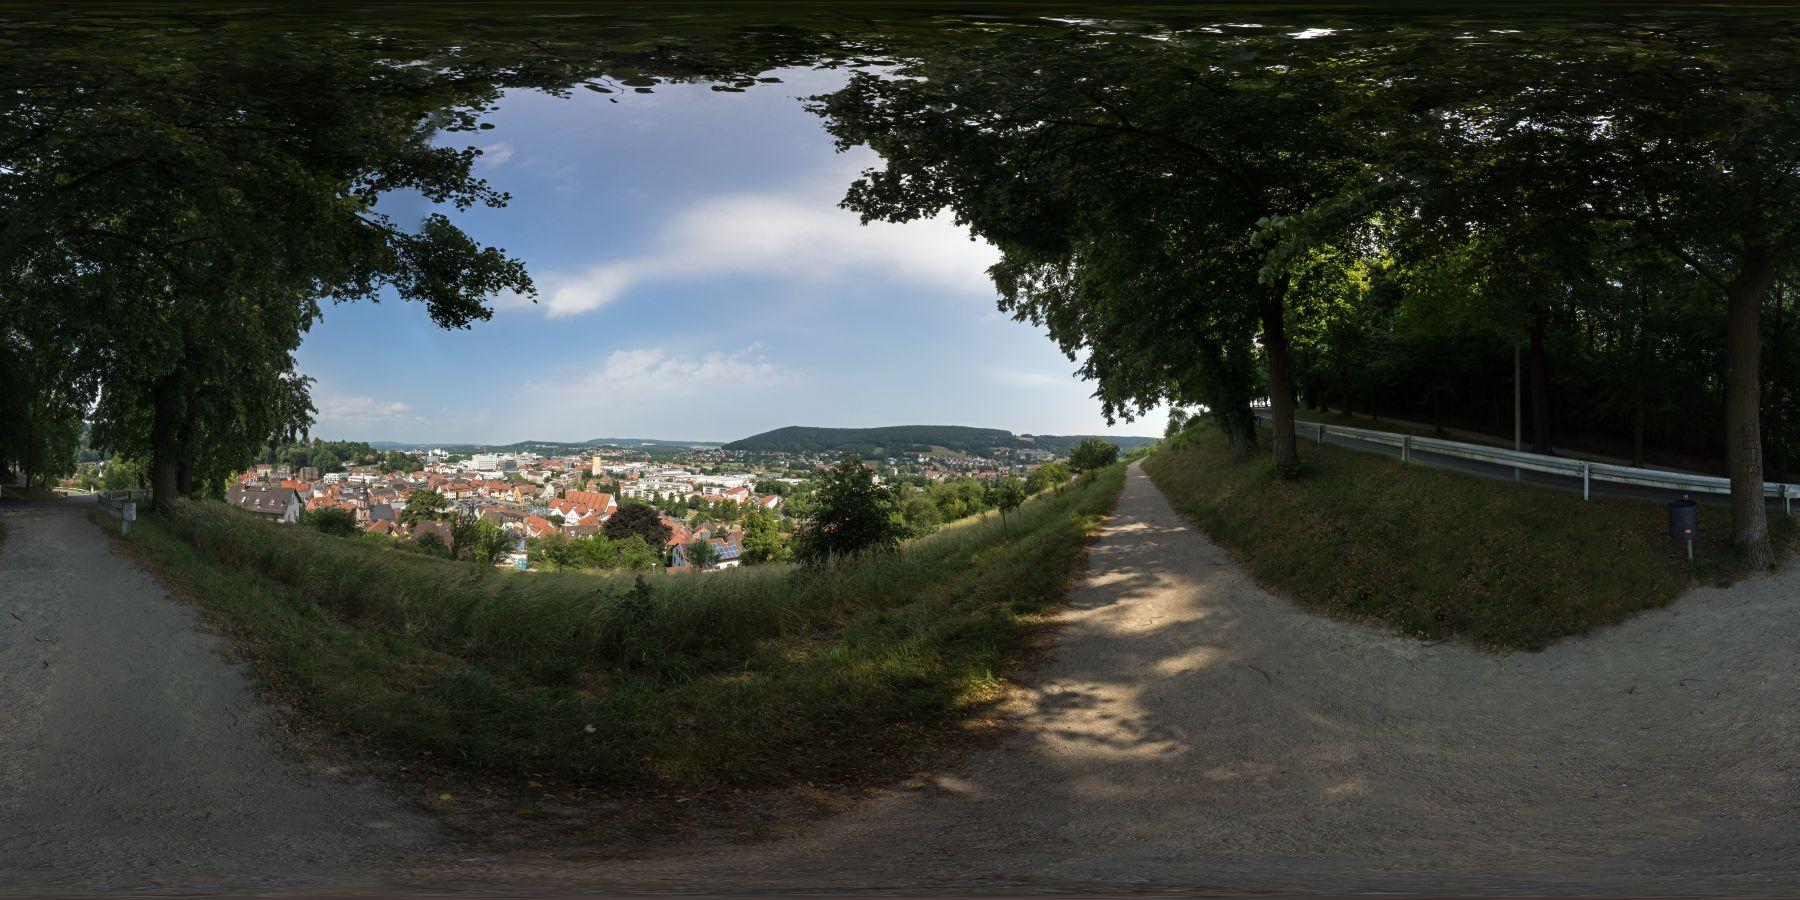 Blick auf Kulmbach